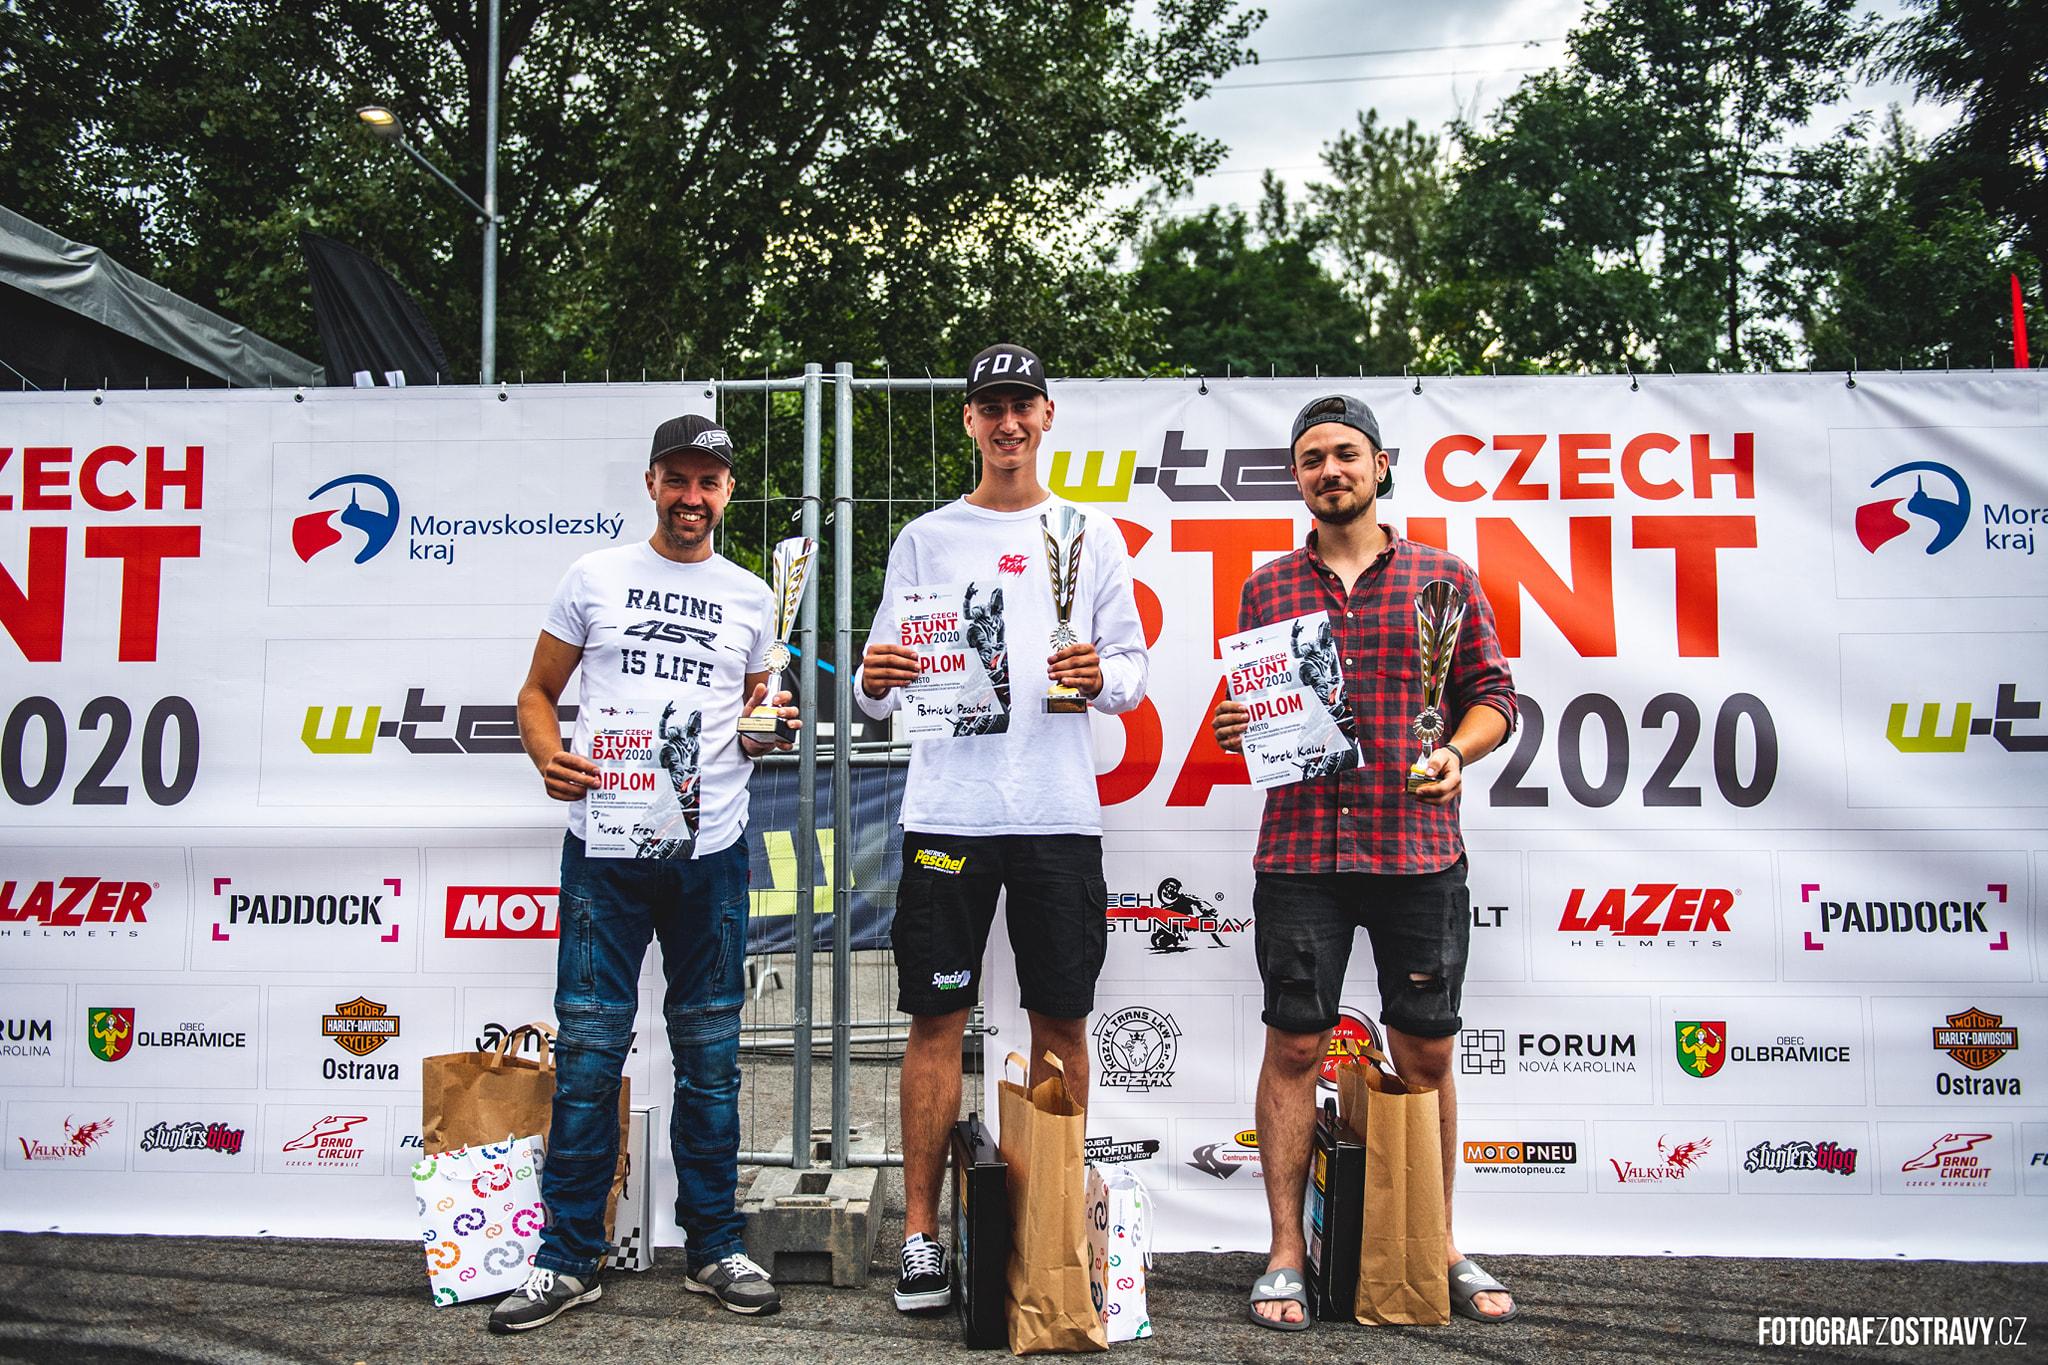 <p>Czech Stunt Day 2020 je za námi a s ním i výsledky MČR a World Stunt Riding Championship! Mistrovství ČR ve Stunt Ridingu 1. místo – Mirek Frey, 112.63 bodů 2. místo – Patrick Peschel, 109.08 bodů 3. místo – Marek Kalus, 89.16 bodů  World Stunt Riding Championship 1. […]</p>